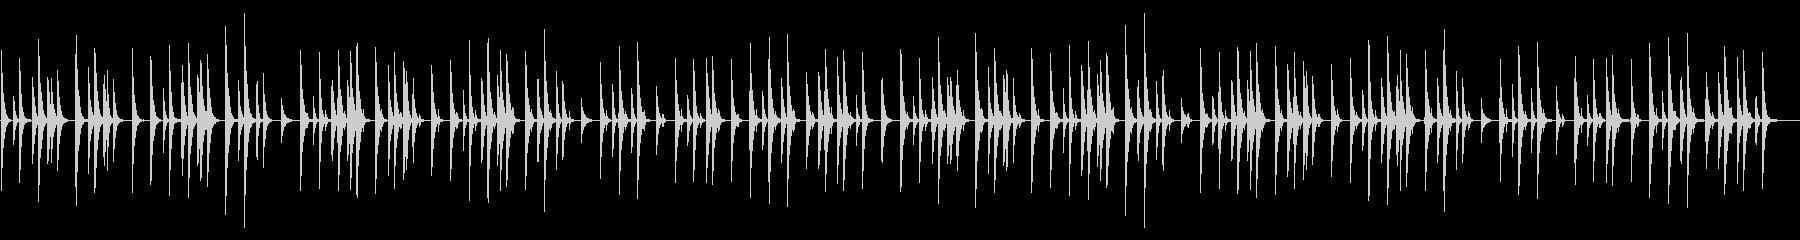 マレット楽器の素朴なイージーリスニングの未再生の波形